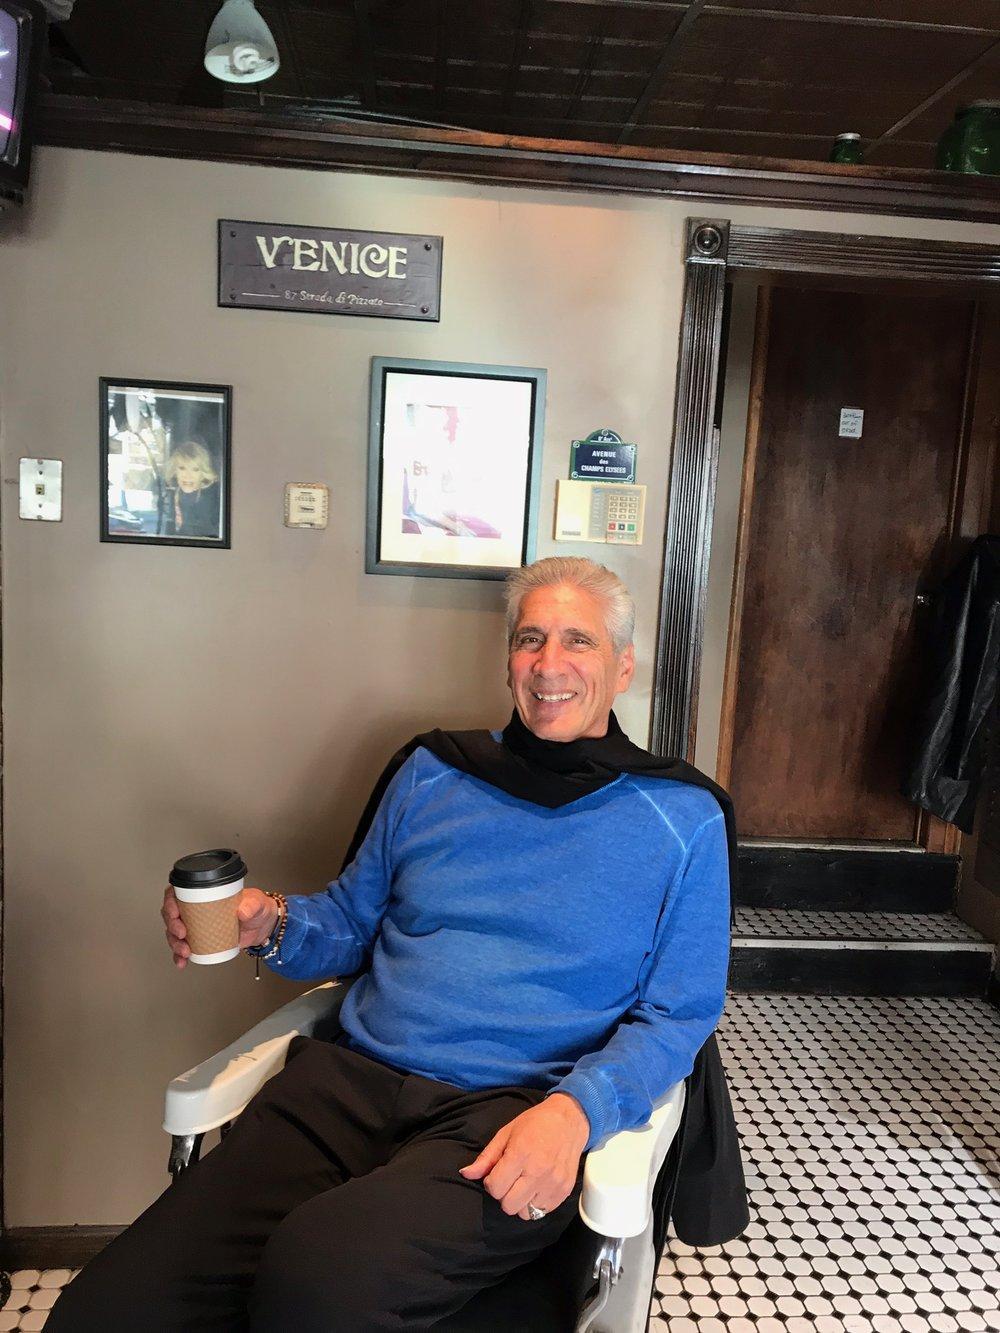 Dennis in chair IMG_3431.jpg*.jpg